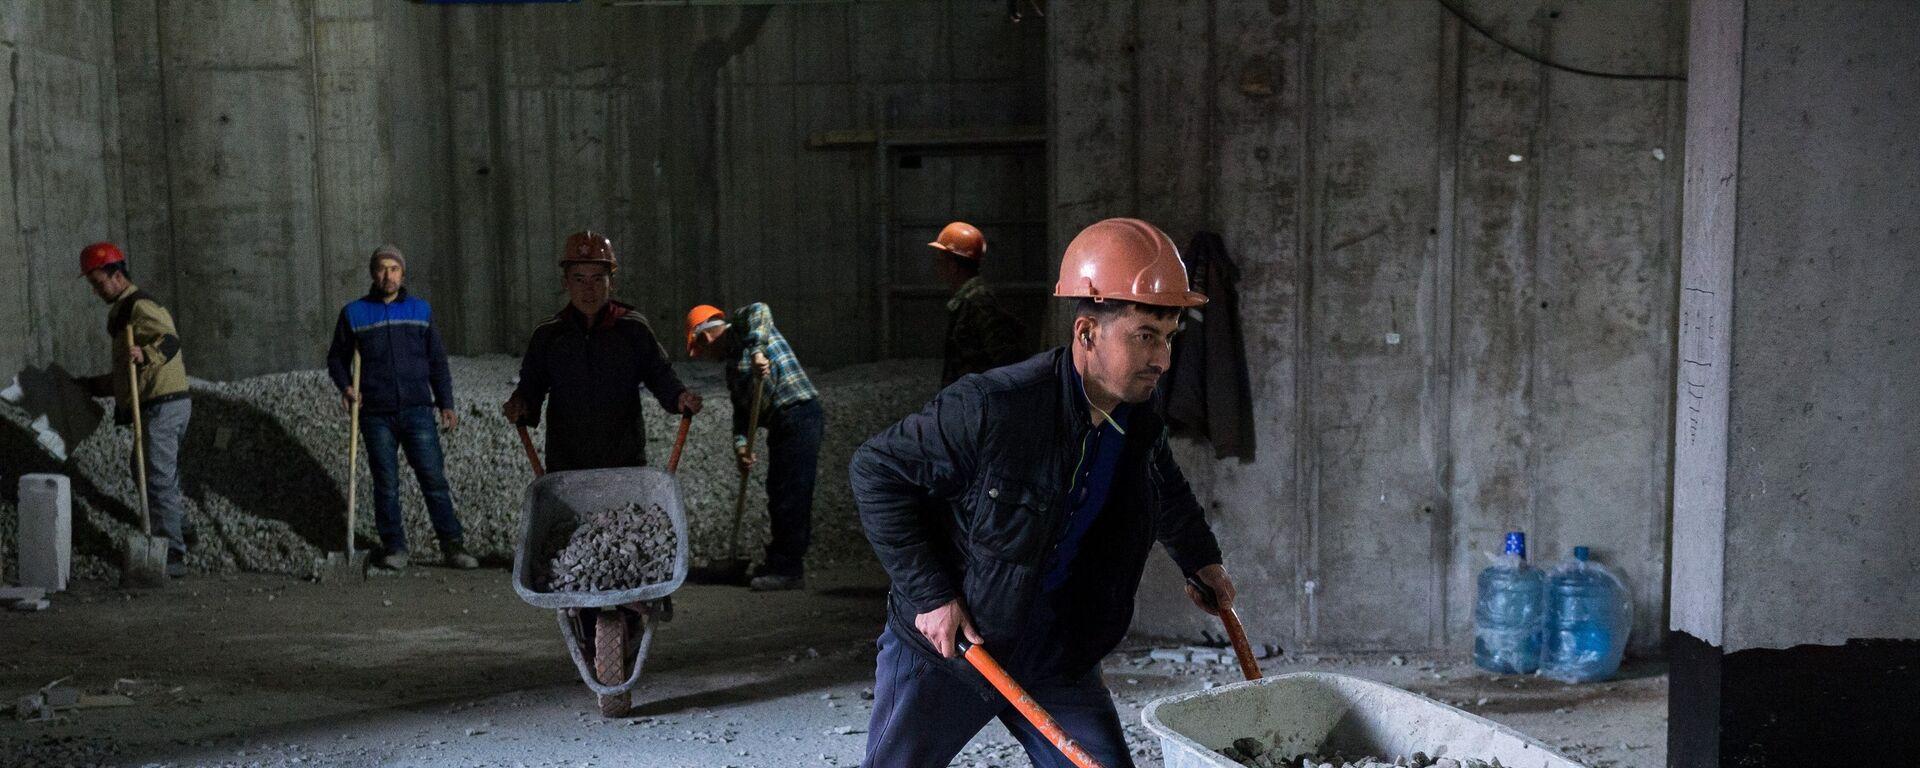 Рабочие во время строительства, архивное фото - Sputnik Тоҷикистон, 1920, 16.06.2021